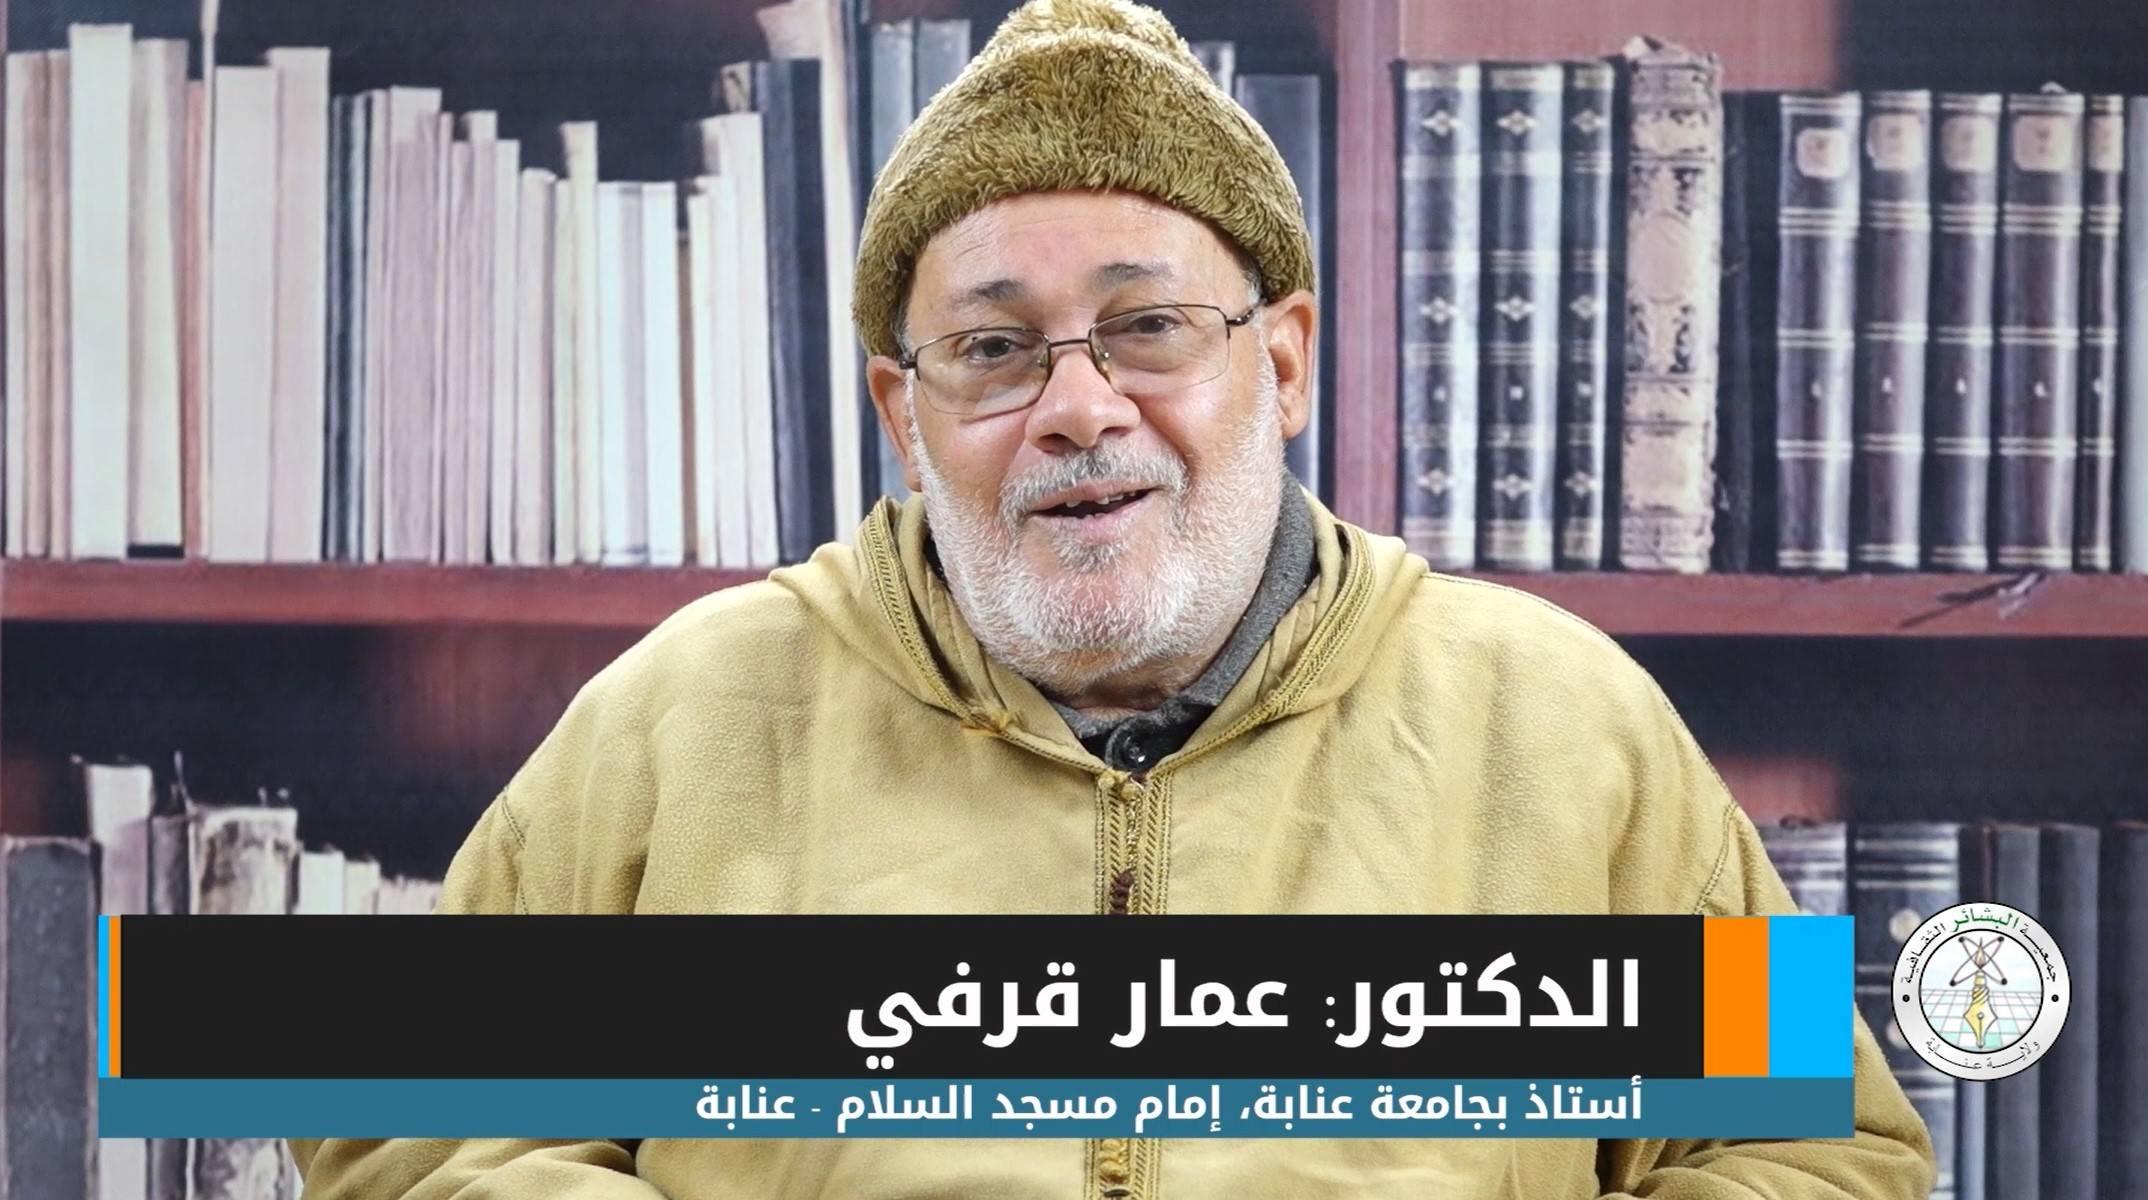 همسات رمضانية: صوم الجوارح - جمعية البشائر - عنابة